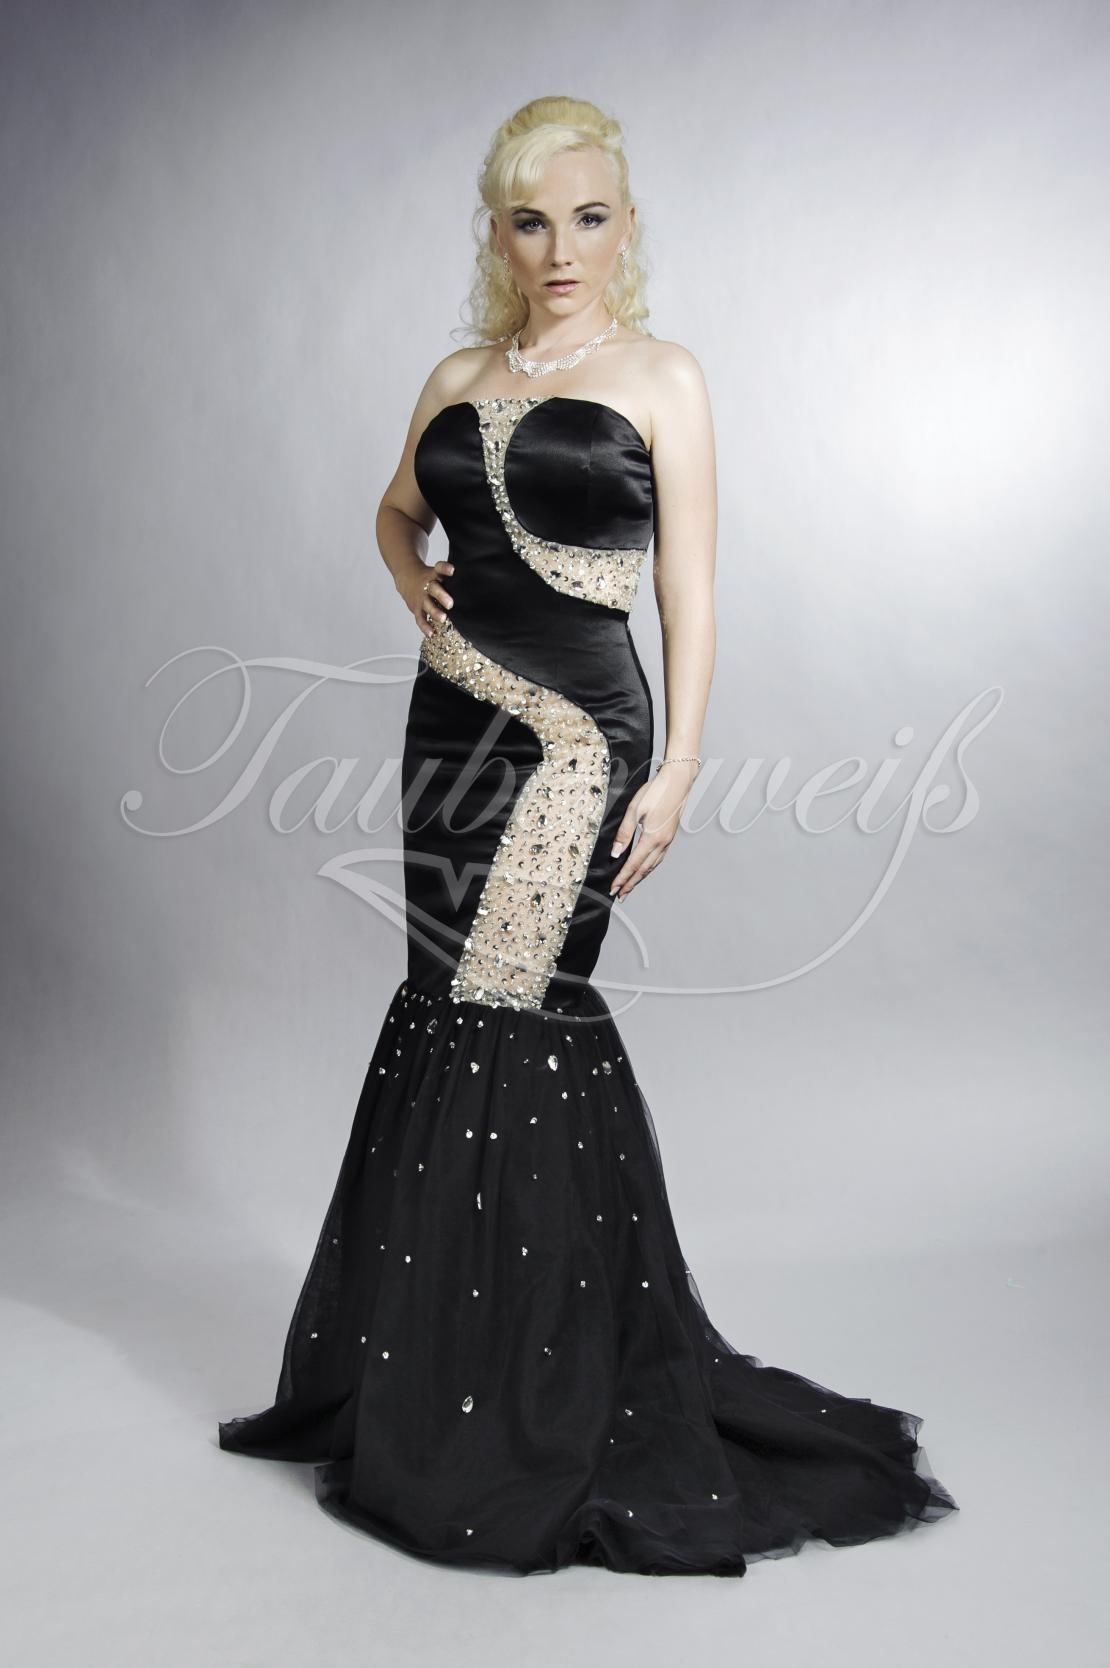 abendkleid tw0010a - abendkleid schwarz transparent perlen und pailleten  sexy gewagt